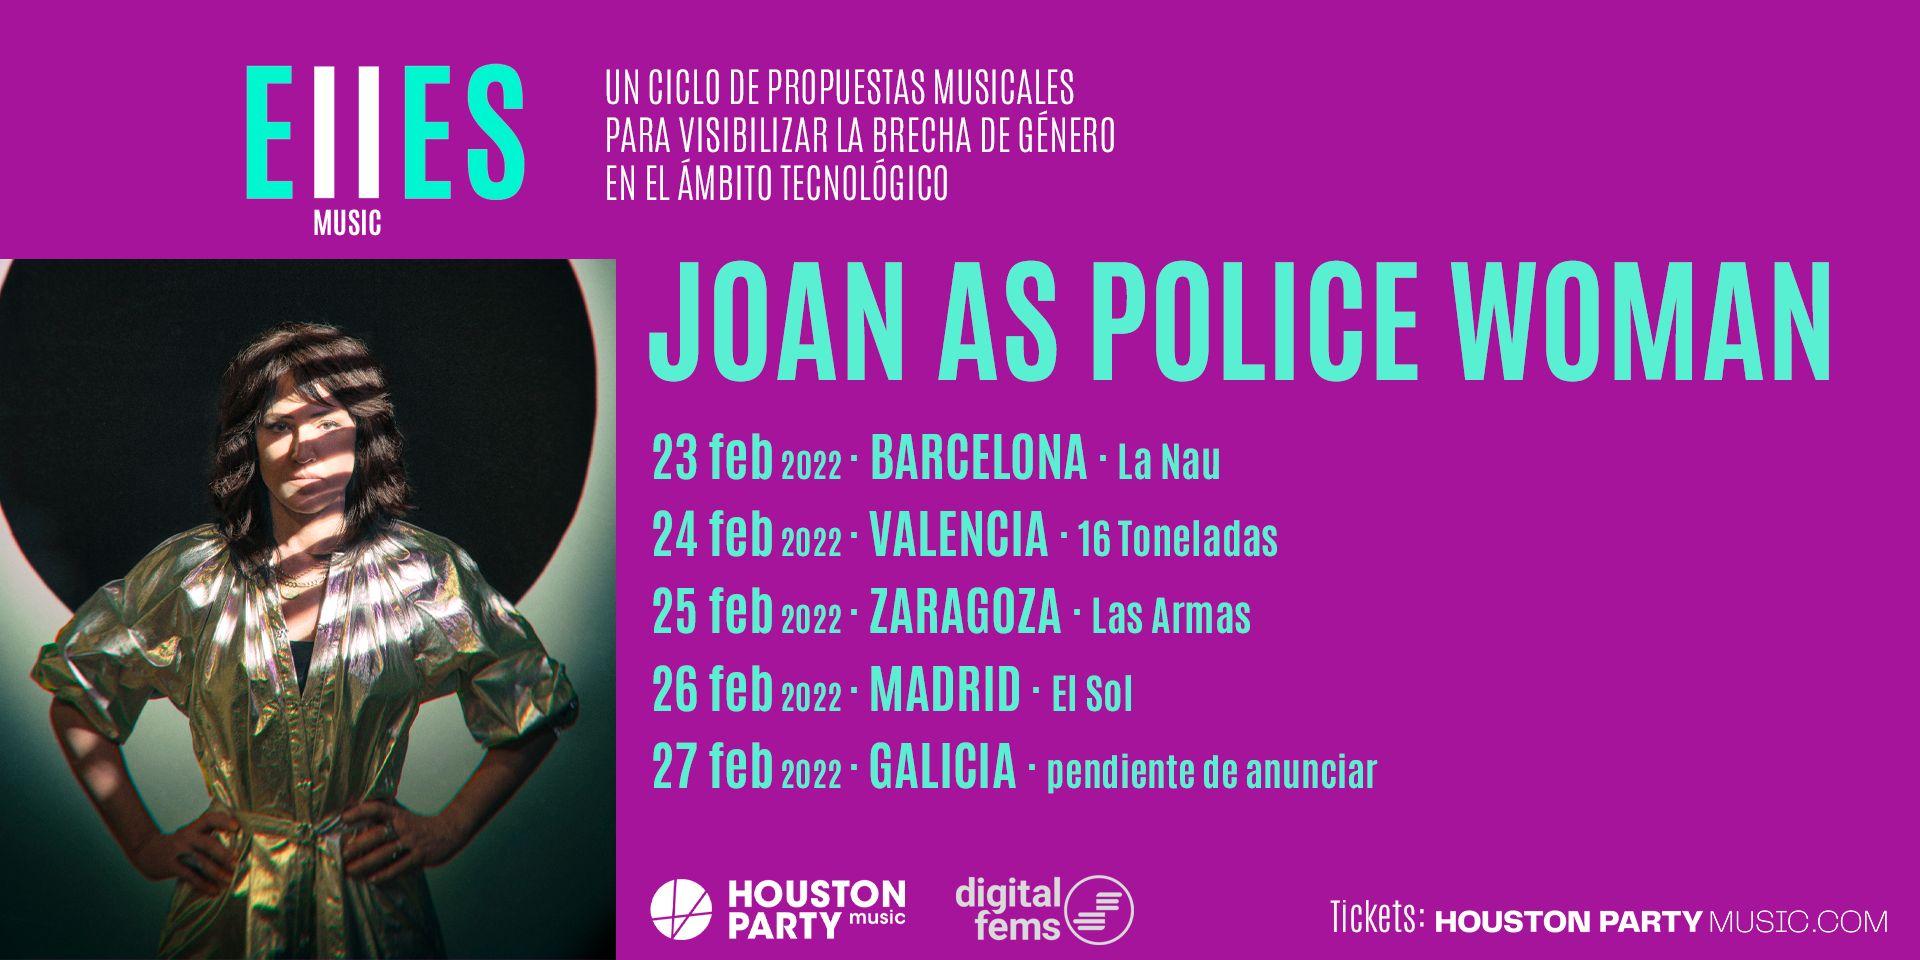 """Joan As Police Woman publica """"Geometry Of You"""", single del disco que presentará en su gira de febrero de 2022"""